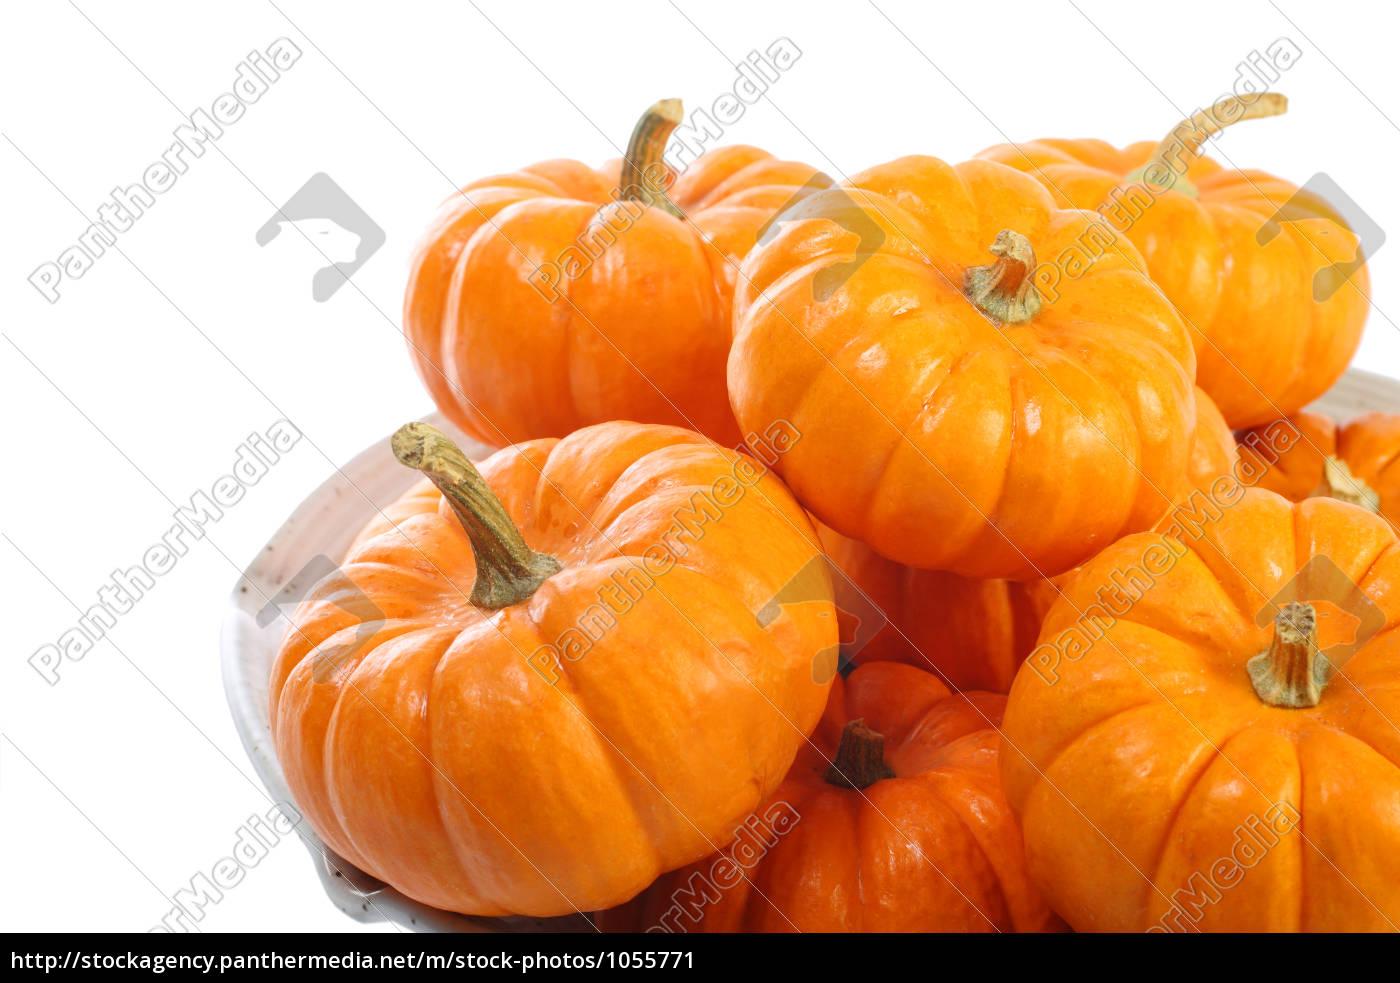 pumpkin, pie - 1055771